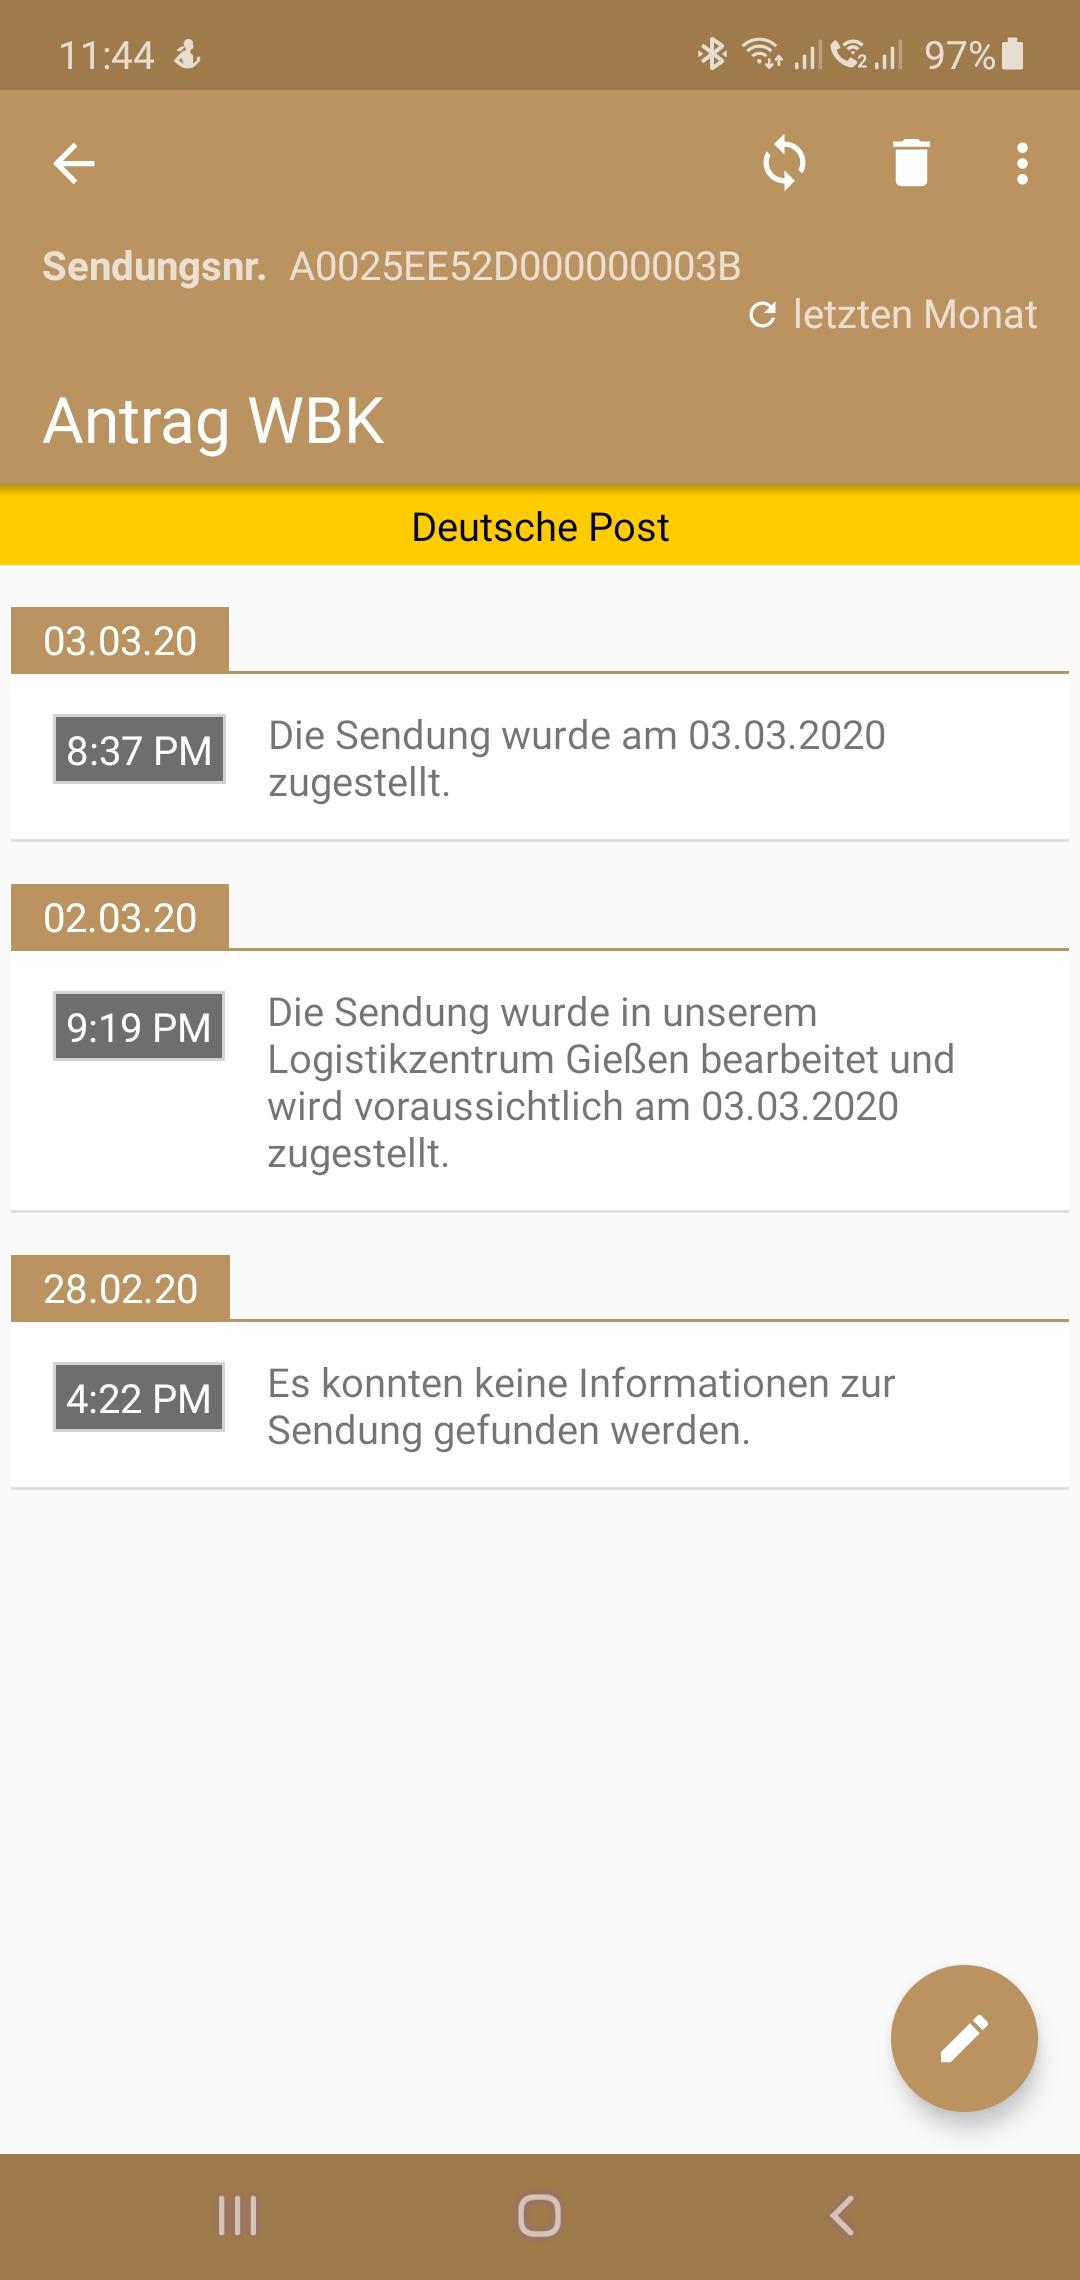 Dienstleister: Deutsche Post Sendungsnummer: A0025EE52D000000003B  Sendungsverlauf: --------------- 3. März 2020, 8:37 PM: Die Sendung wurde am 03.03.2020 zugestellt. 2. März 2020, 9:19 PM: Die Sendung wurde in unserem Logistikzentrum Gießen bearbeitet und wird voraussichtlich am 03.03.2020 zugestellt. 28. Februar 2020, 4:22 PM: Es konnten keine Informationen zur Sendung gefunden werden.